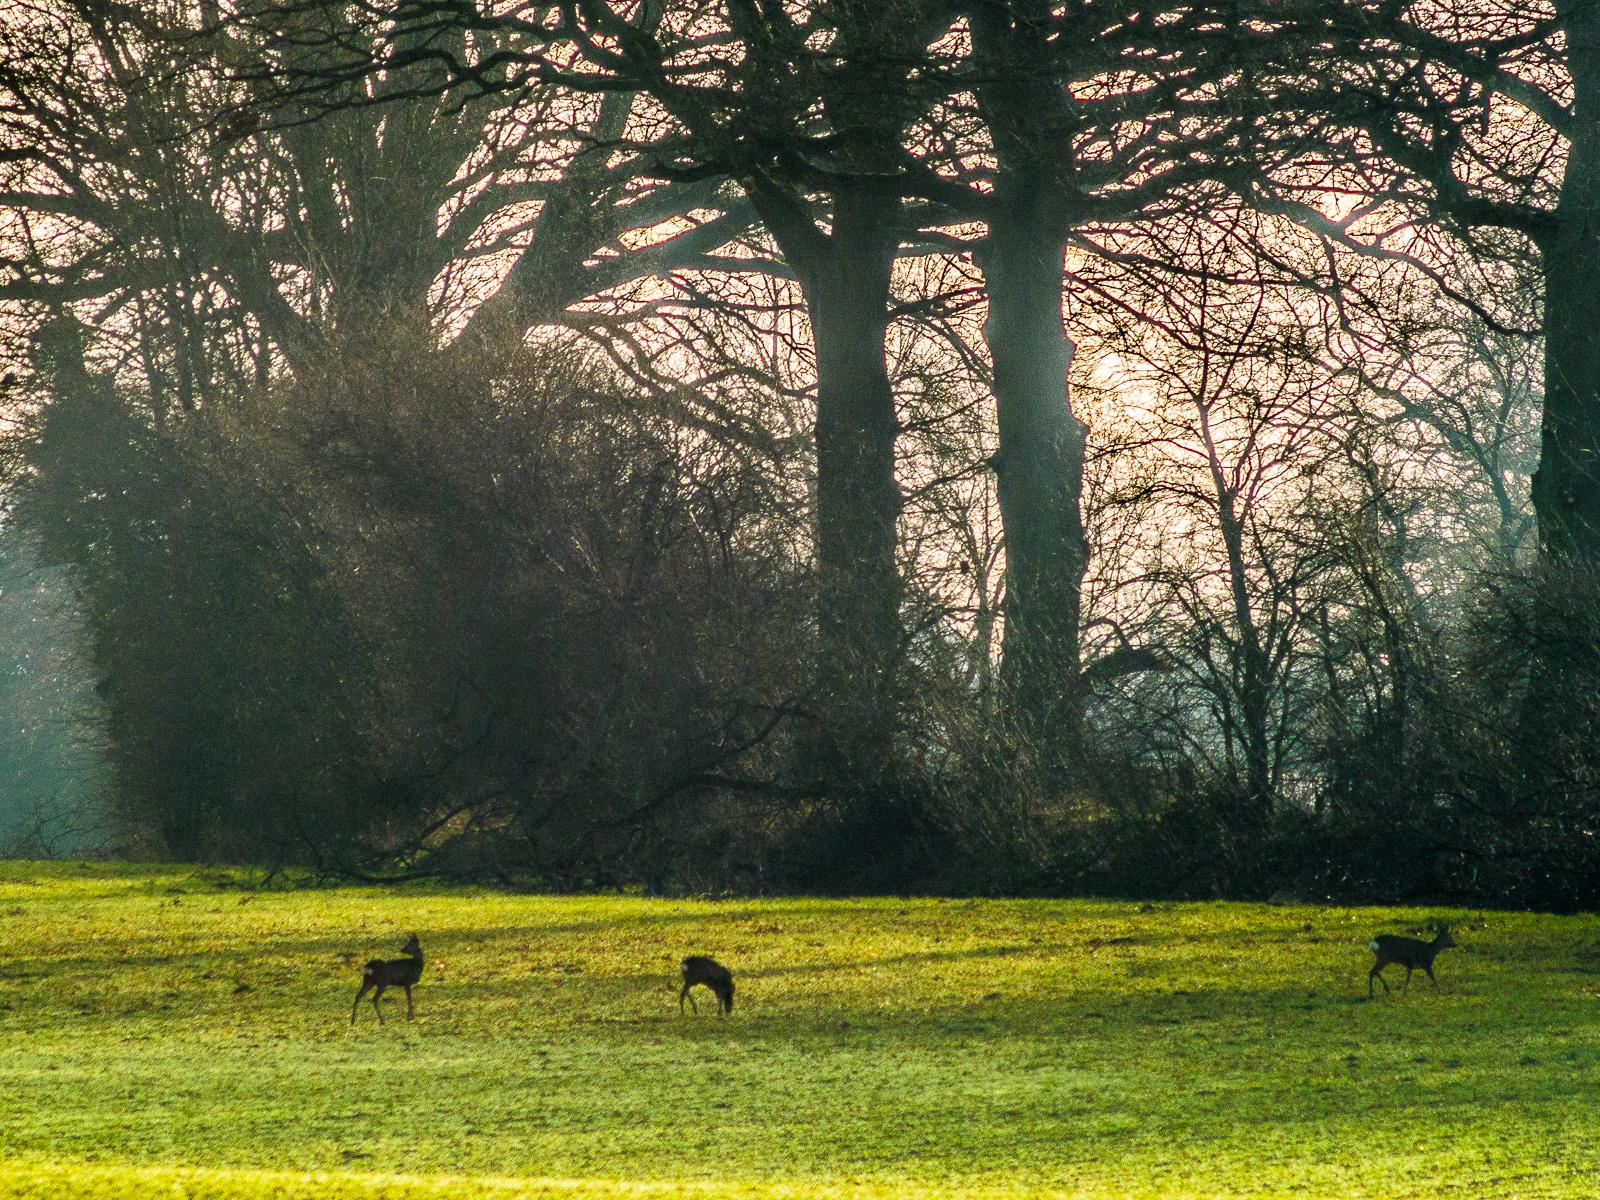 Drei Rehe vor Bäumen im Gegenlicht